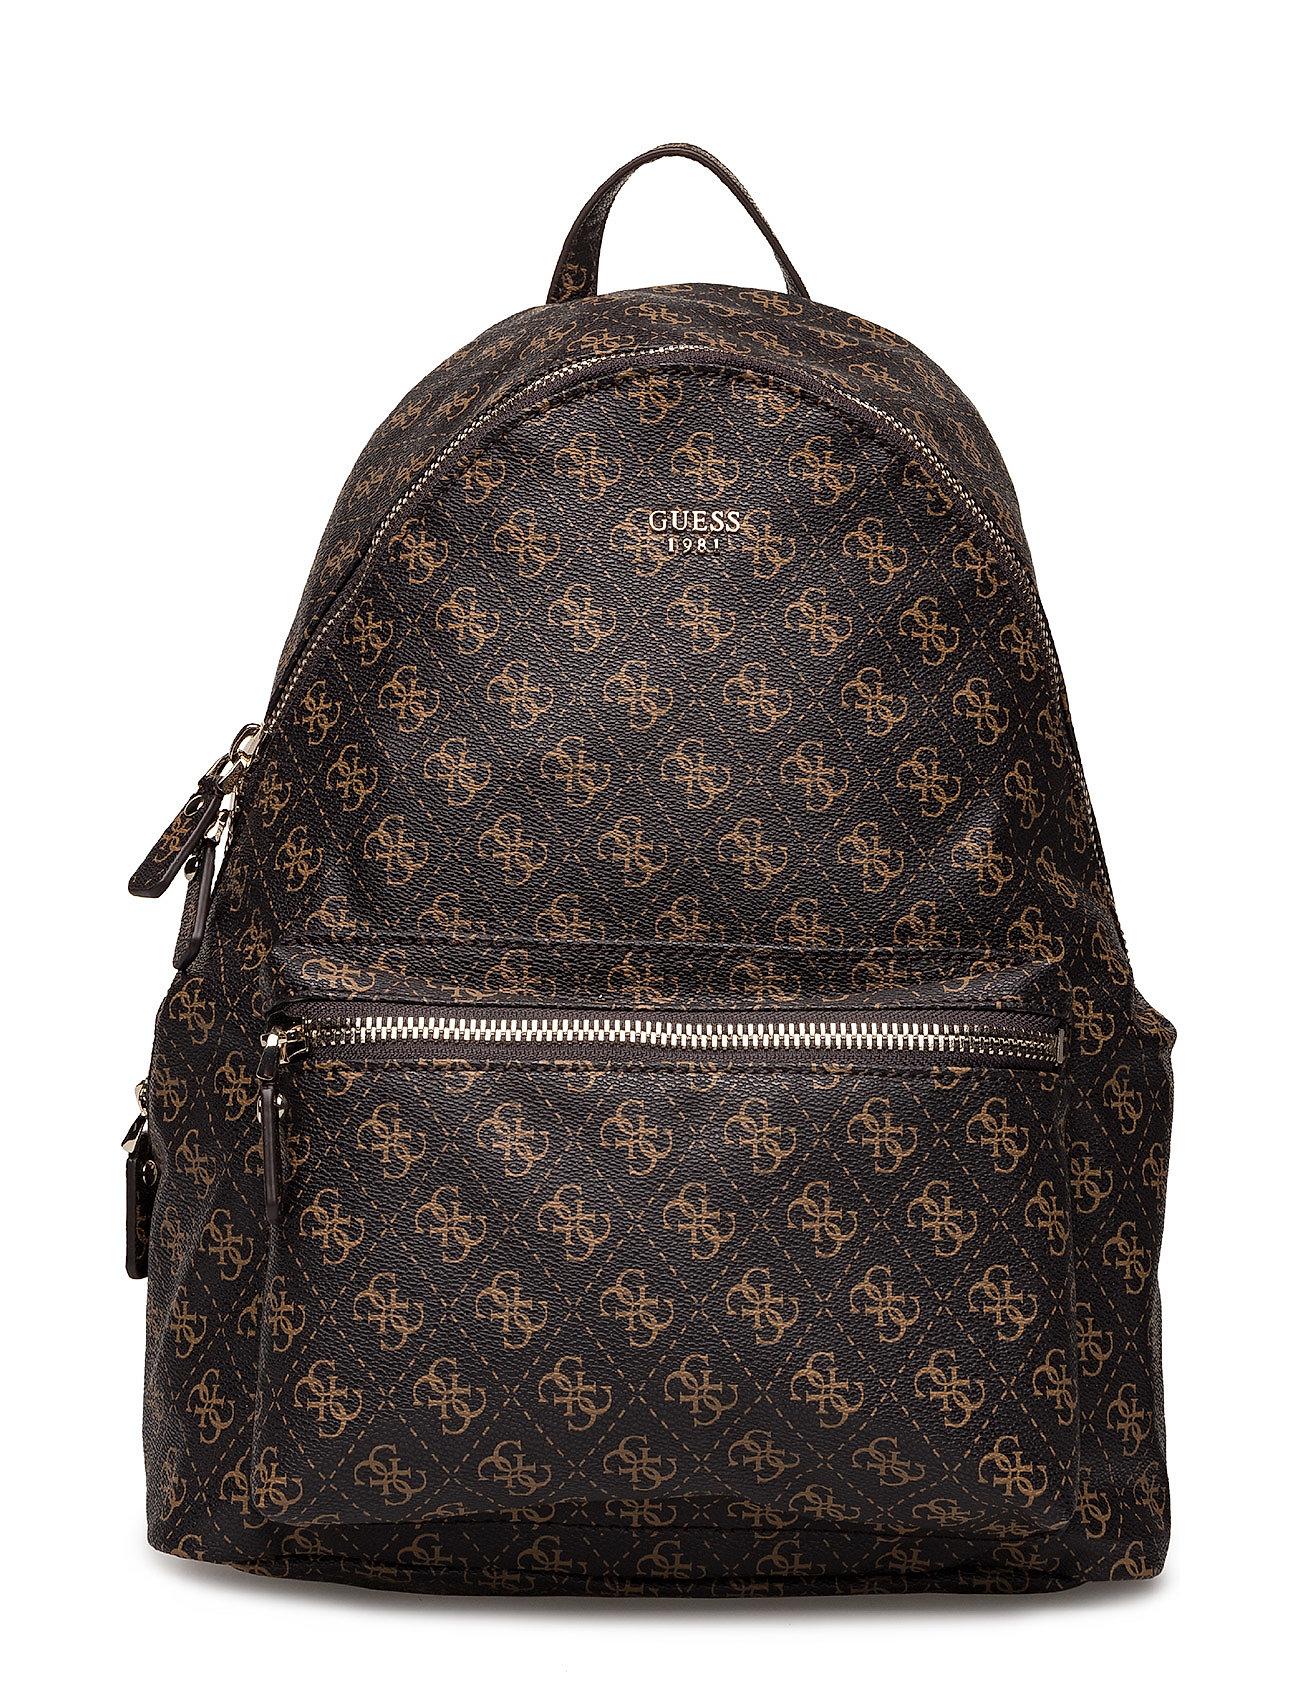 GUESS Leeza Backpack Rucksack Tasche Braun GUESS